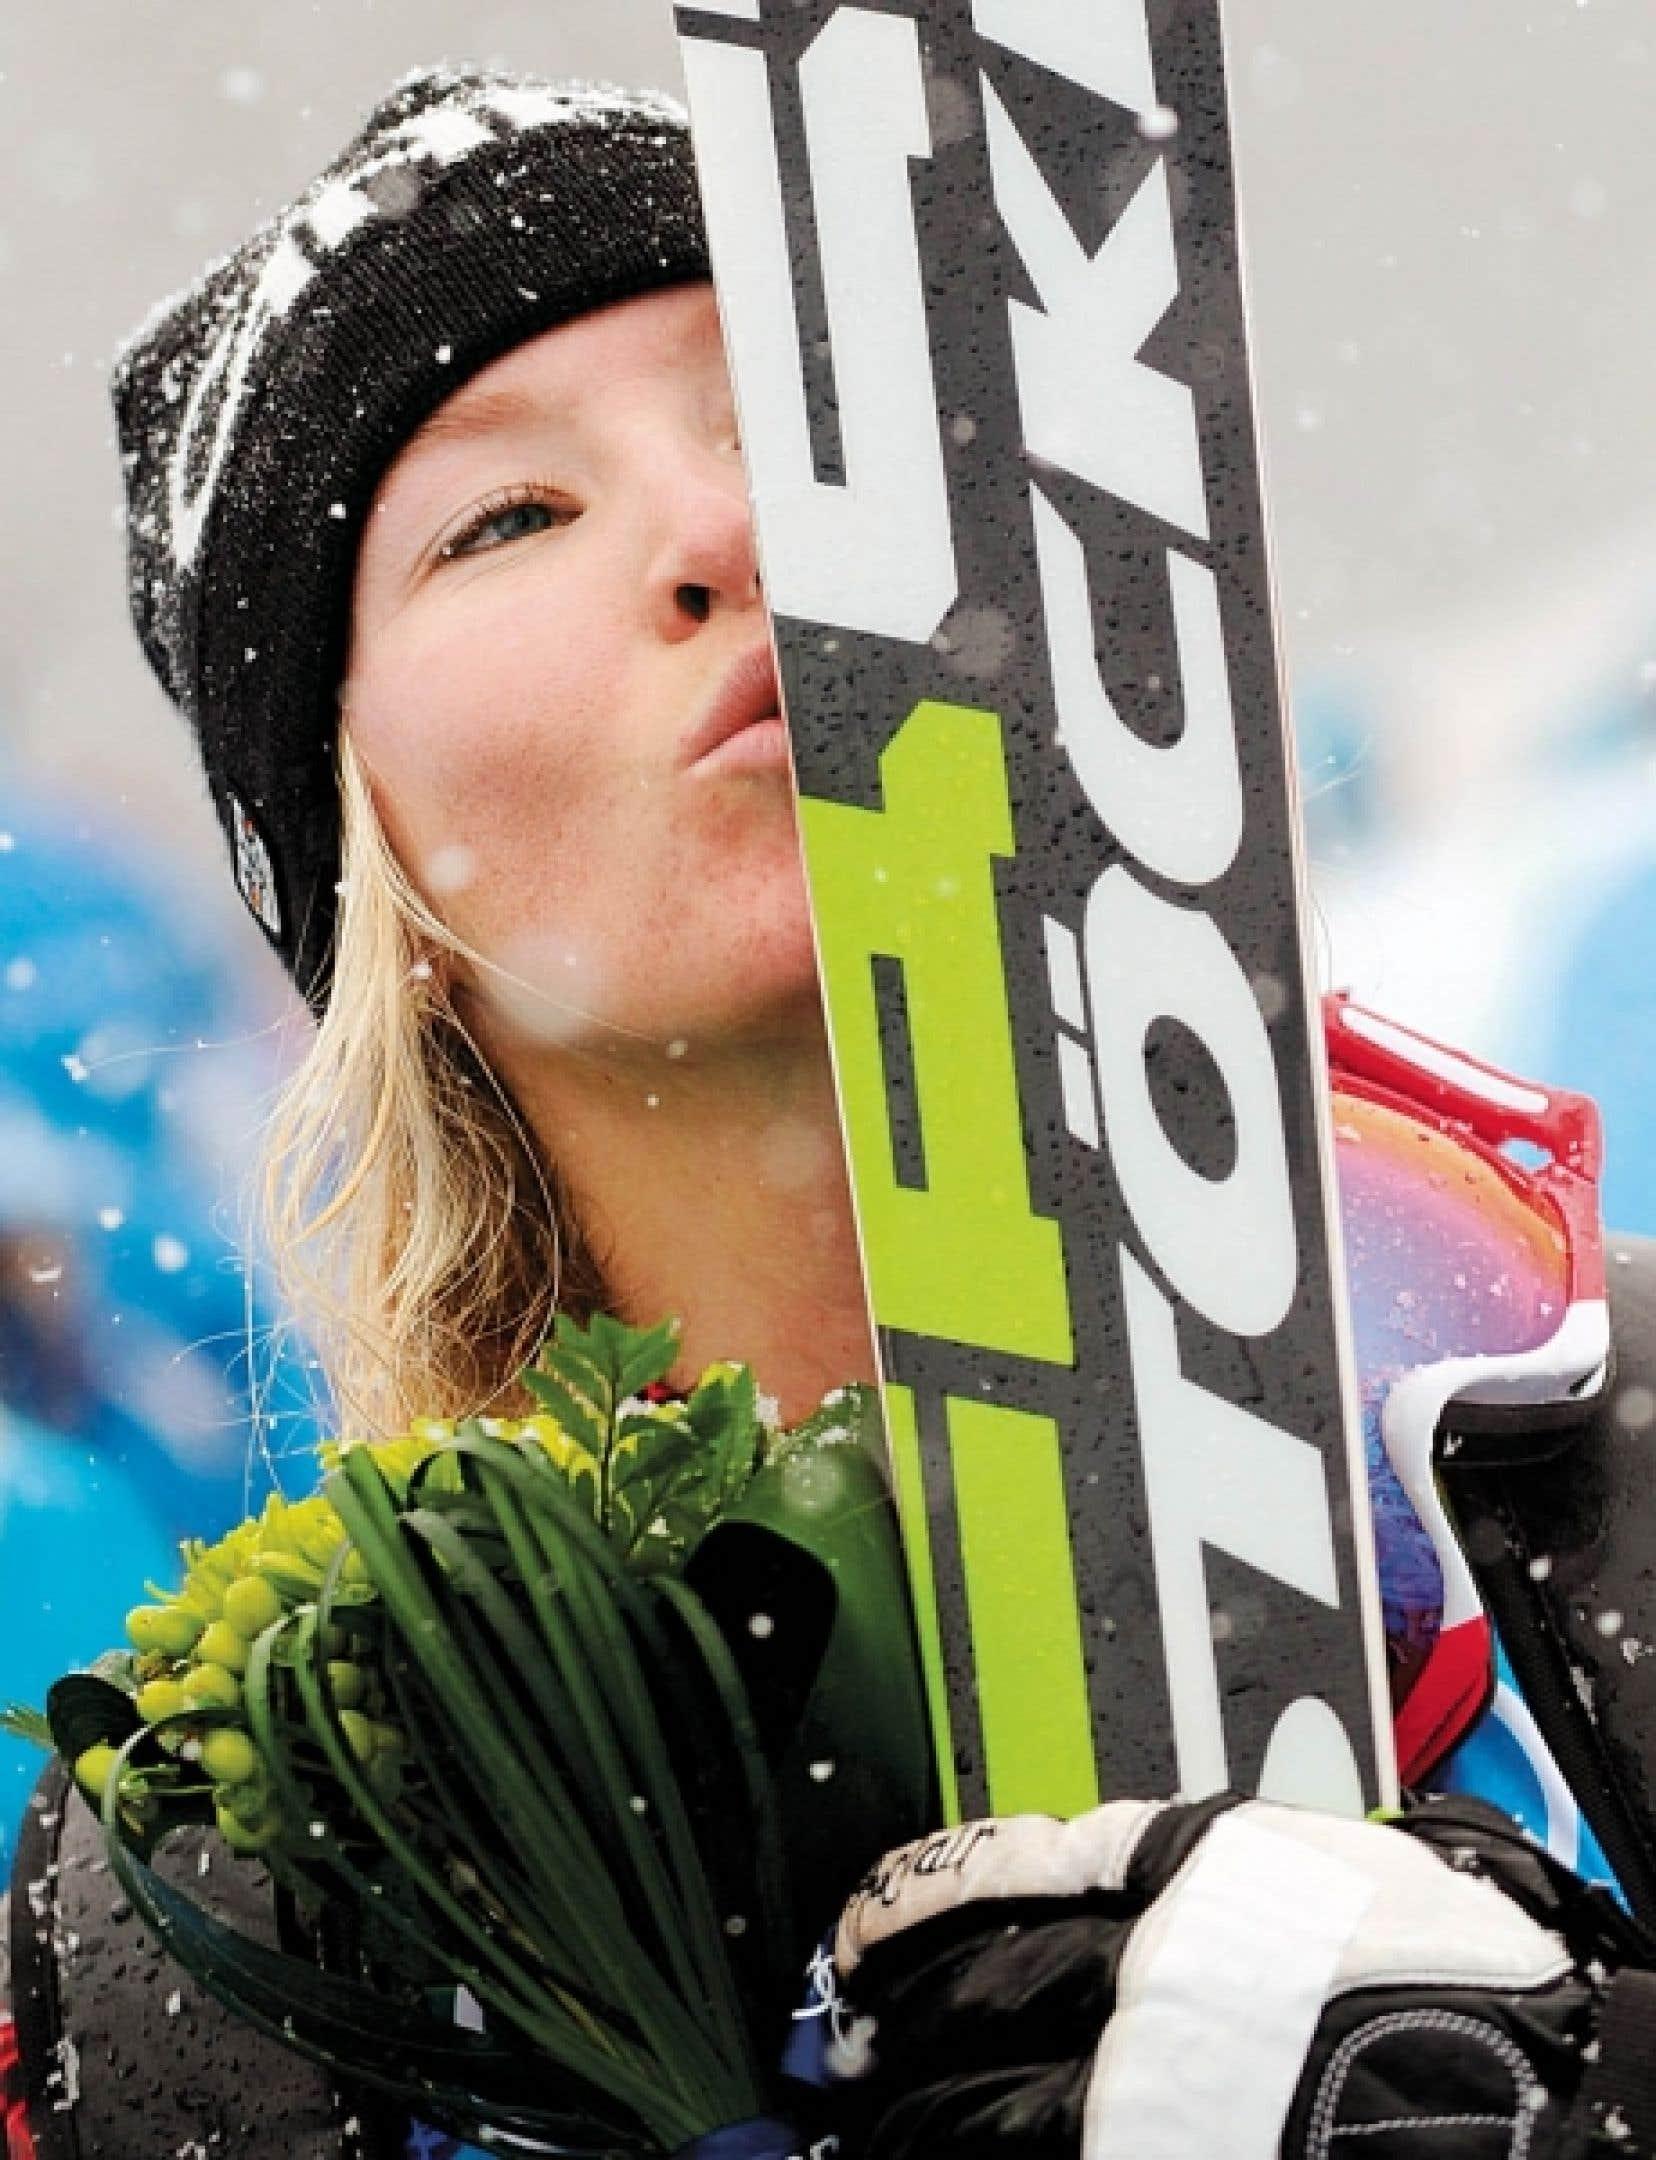 C'est une Canadienne de tout juste 20 ans qui a récolté hier le premier titre olympique de ski cross, une nouvelle épreuve qui fait ses débuts aux Jeux de Vancouver. Originaire de l'endroit, Ashleigh McIvor a franchi chaque étape avec la même précision d'horloger pour triompher dans une finale disputée sur une piste balayée par les flocons de neige et le vent.